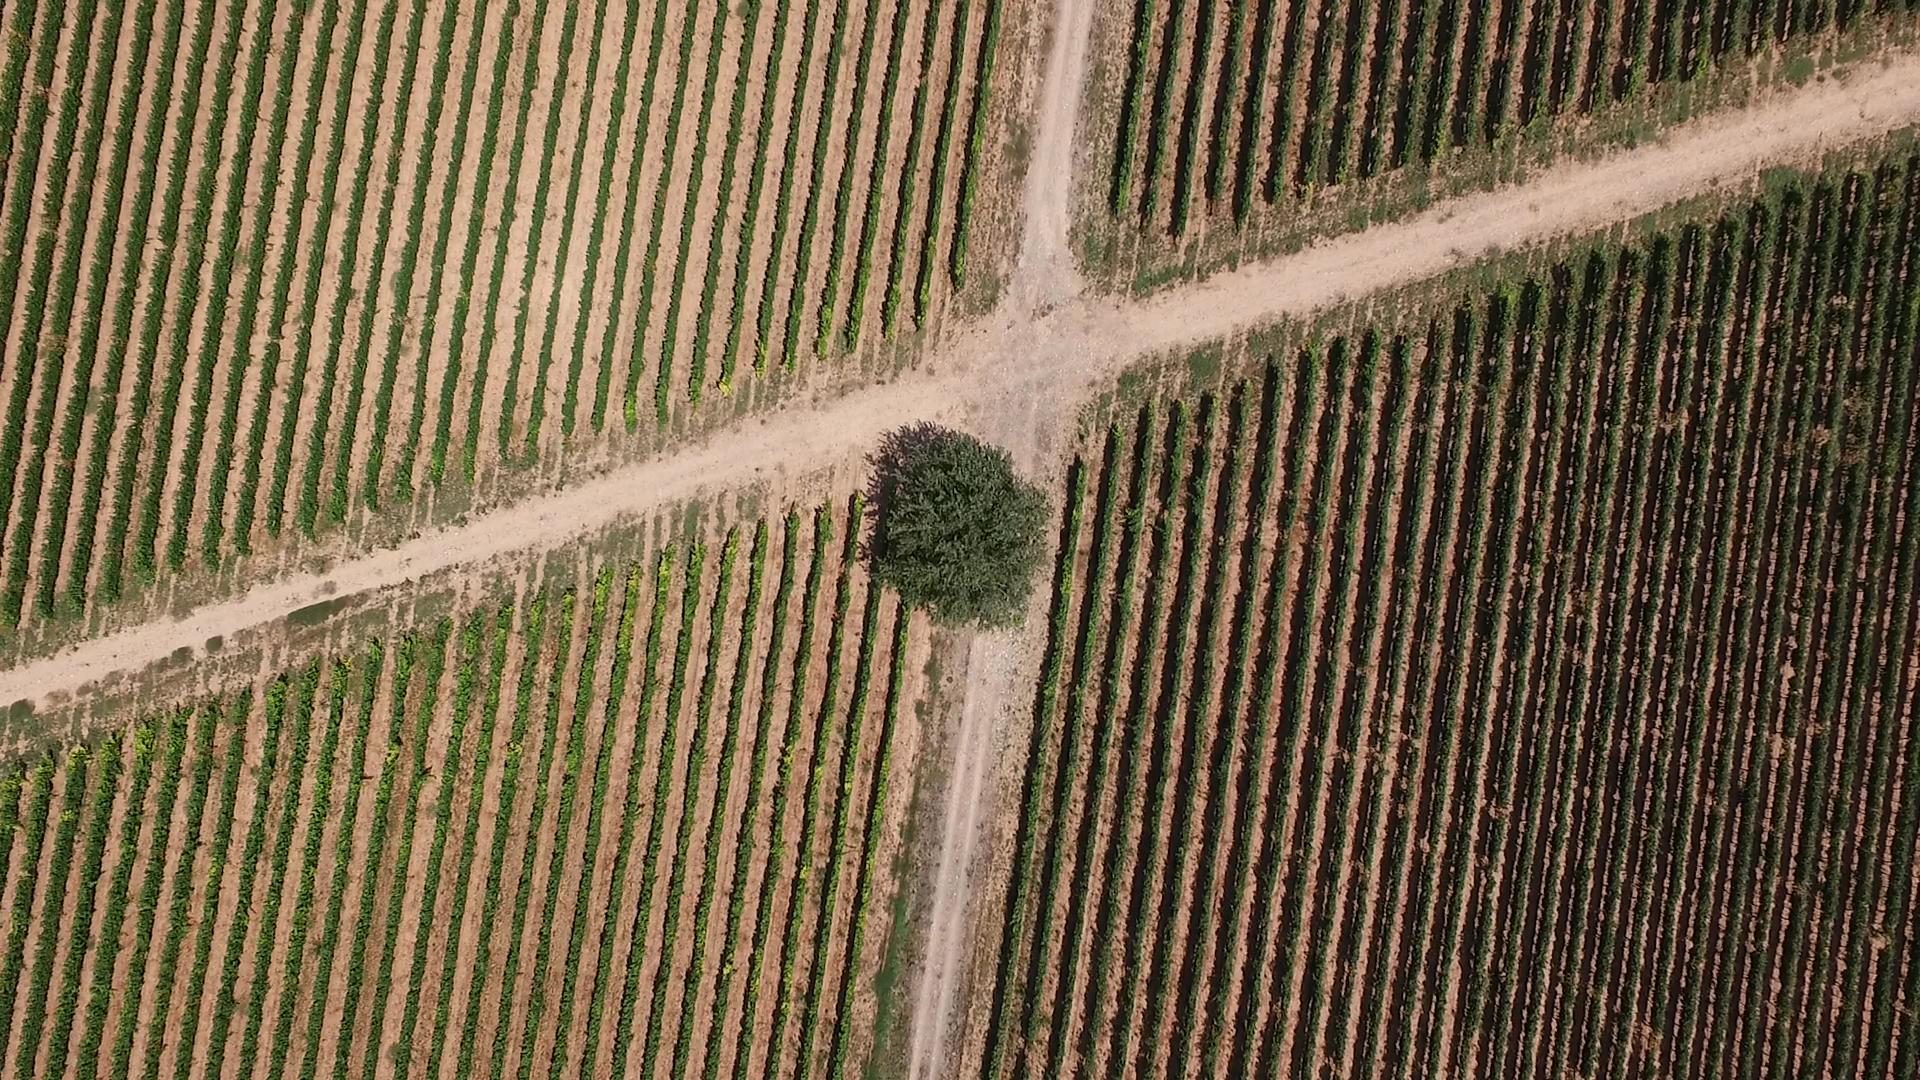 Rioja Vega en los medio marzo 2020